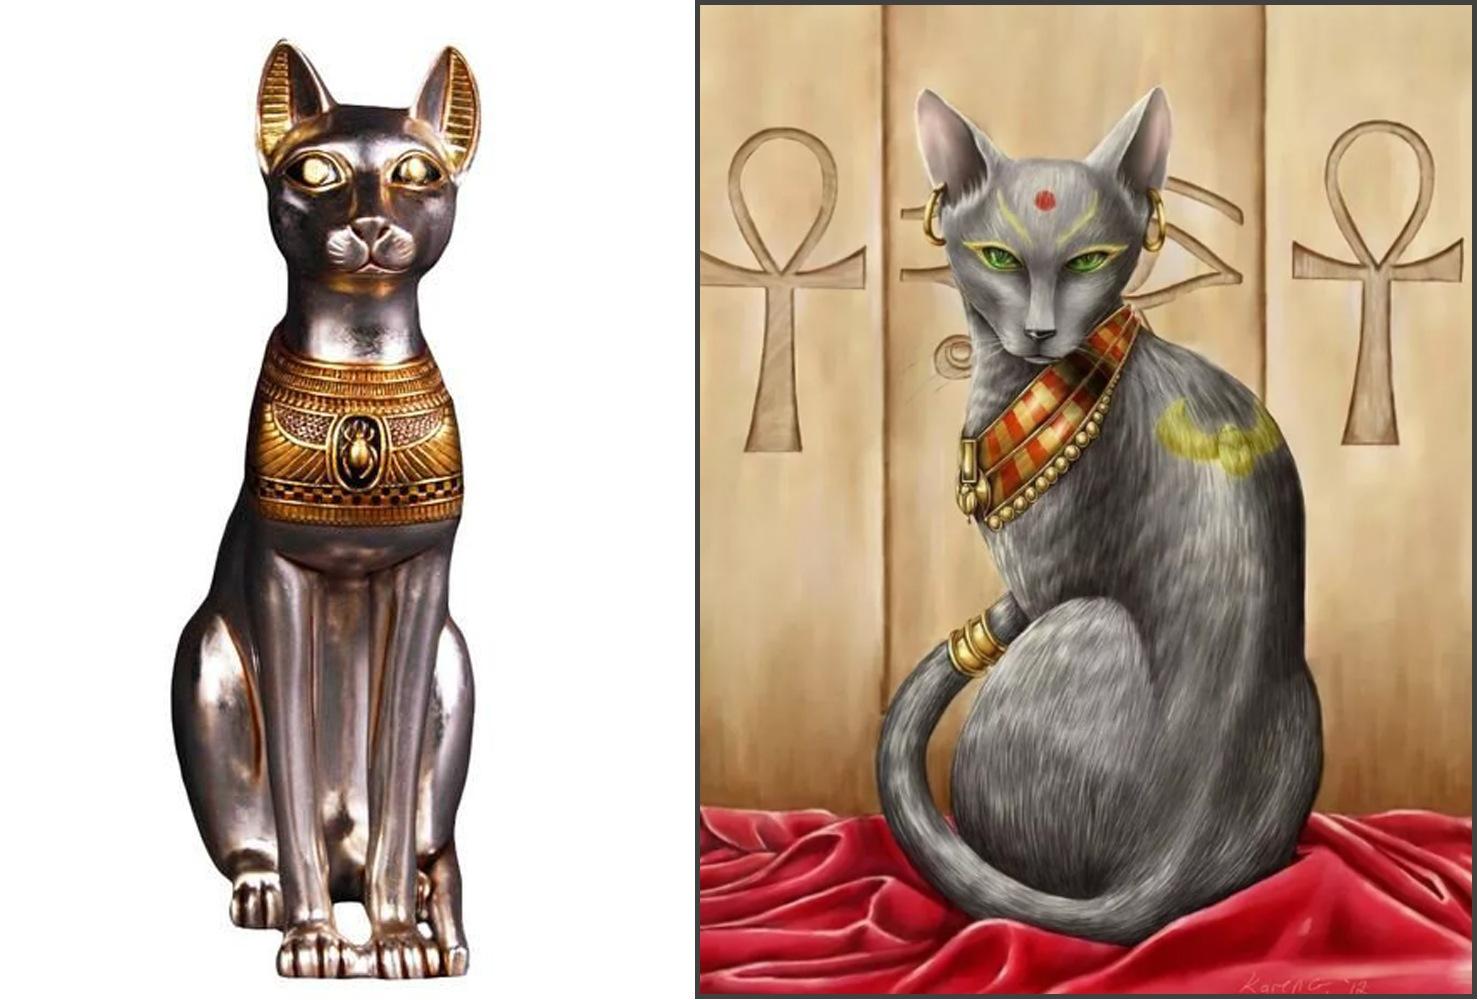 Статуэтка кошки и эскиз для тату в египетском стиле